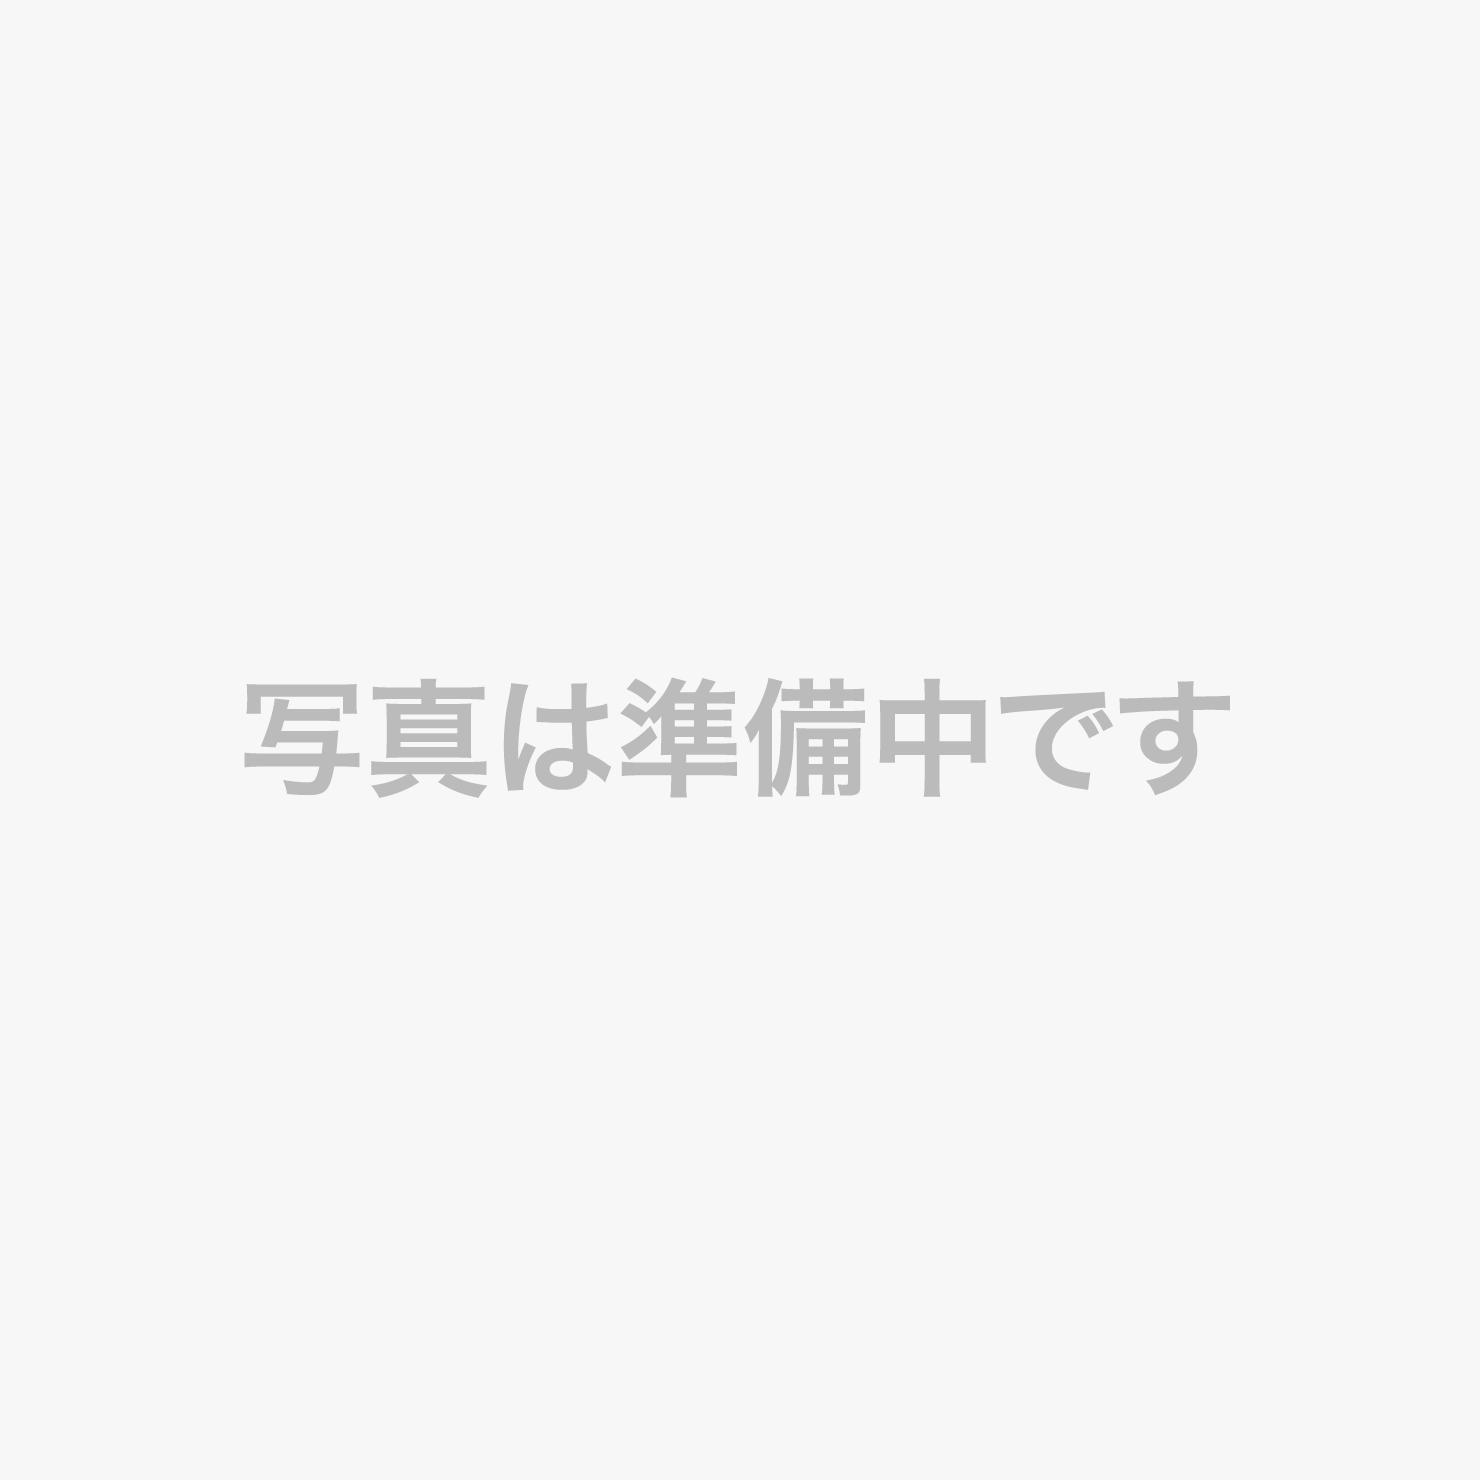 有料貸出グッズ【レンタルパソコン(1泊1,000円)】